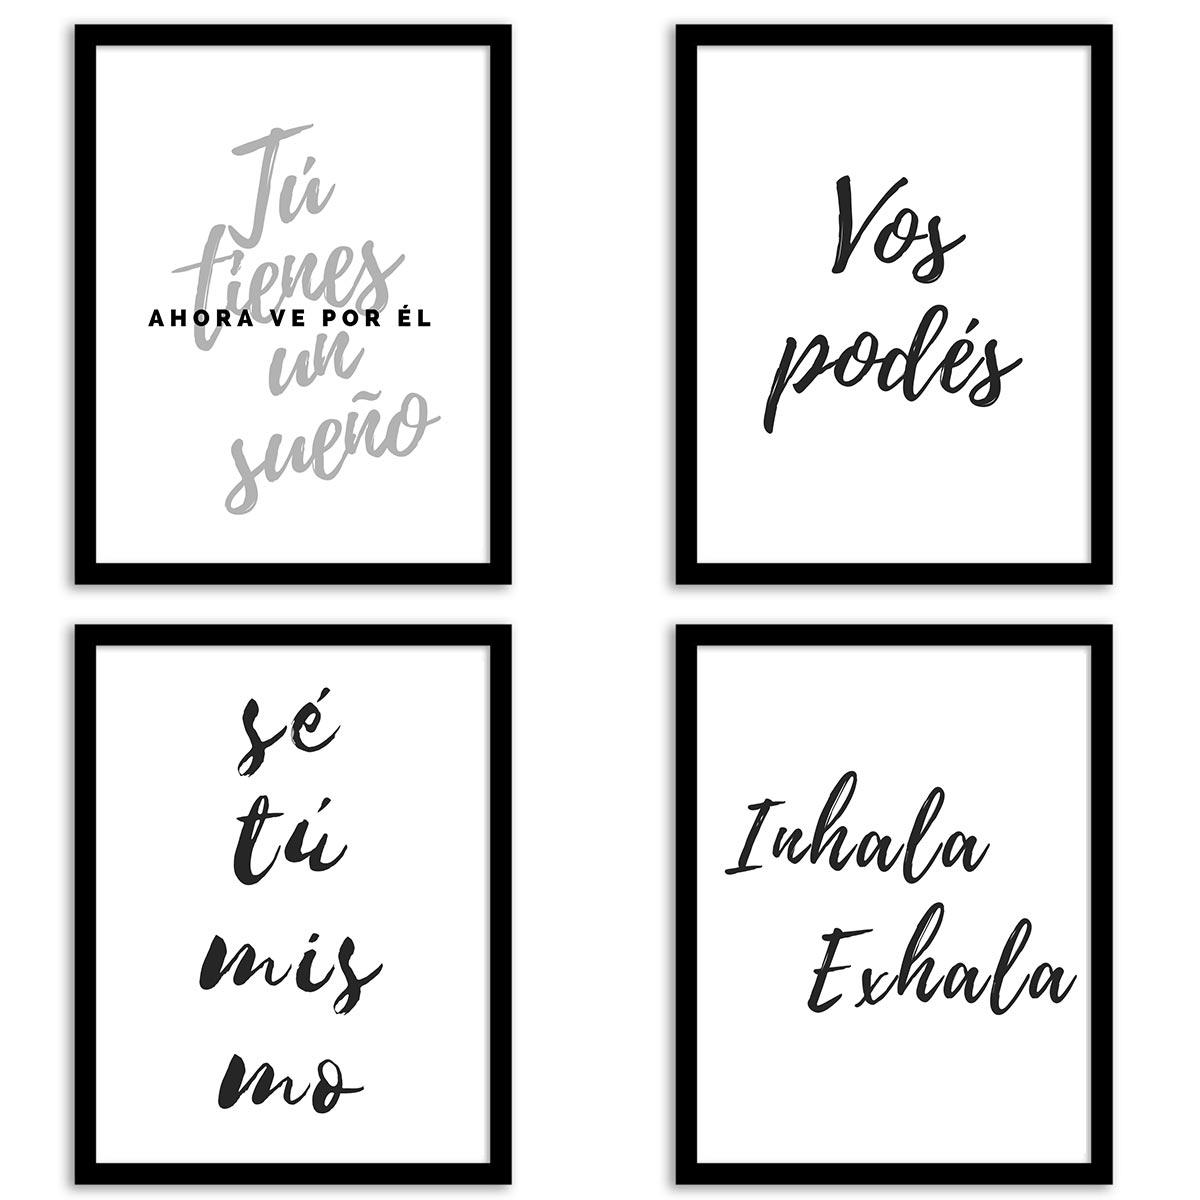 Frases motivación para descargar e imprimir